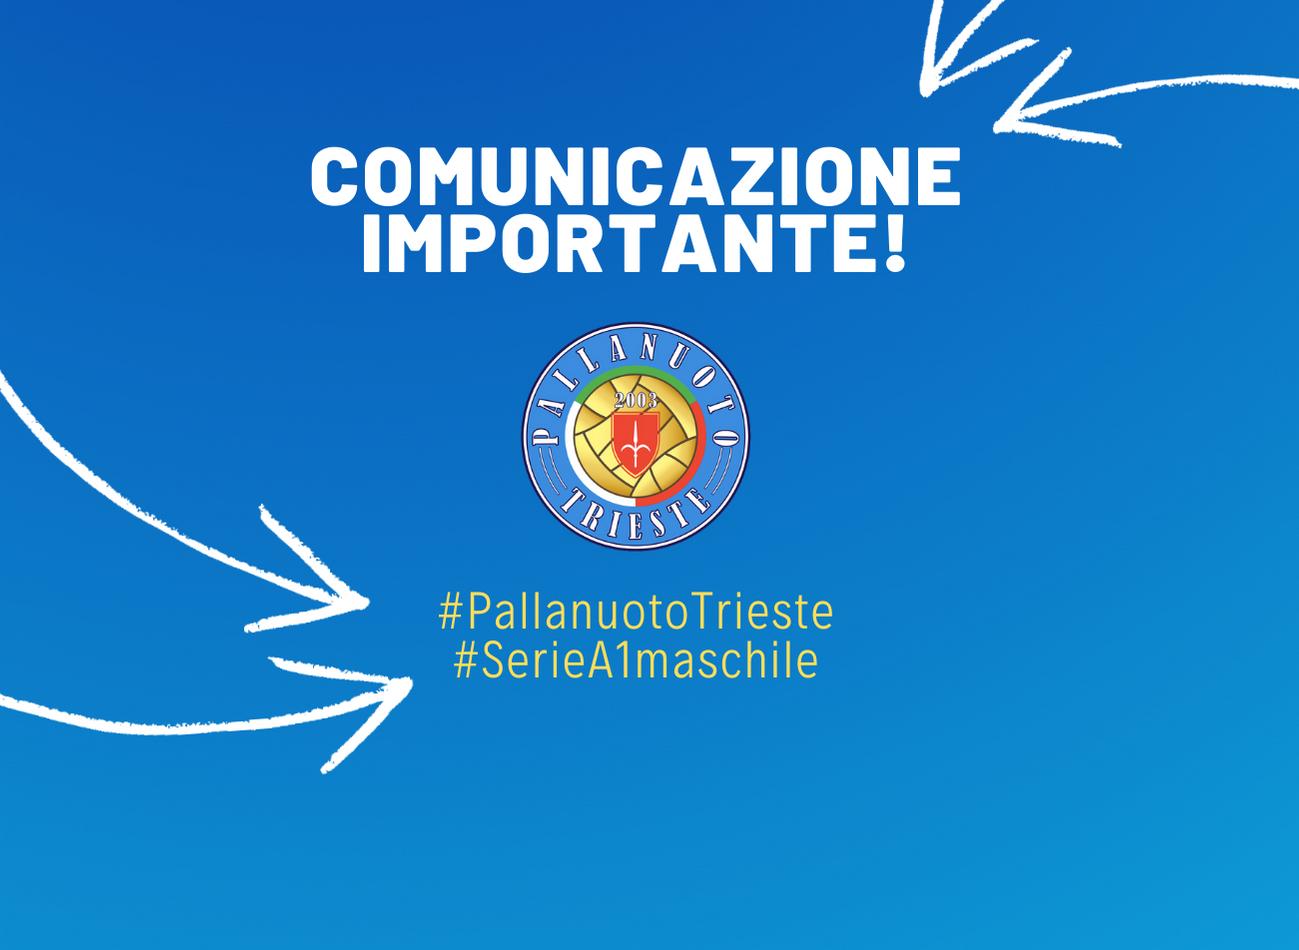 La partita di mercoledì 4 marzo tra Pallanuoto Trieste e Quinto (ore 19.00) sarà a PORTE CHIUSE